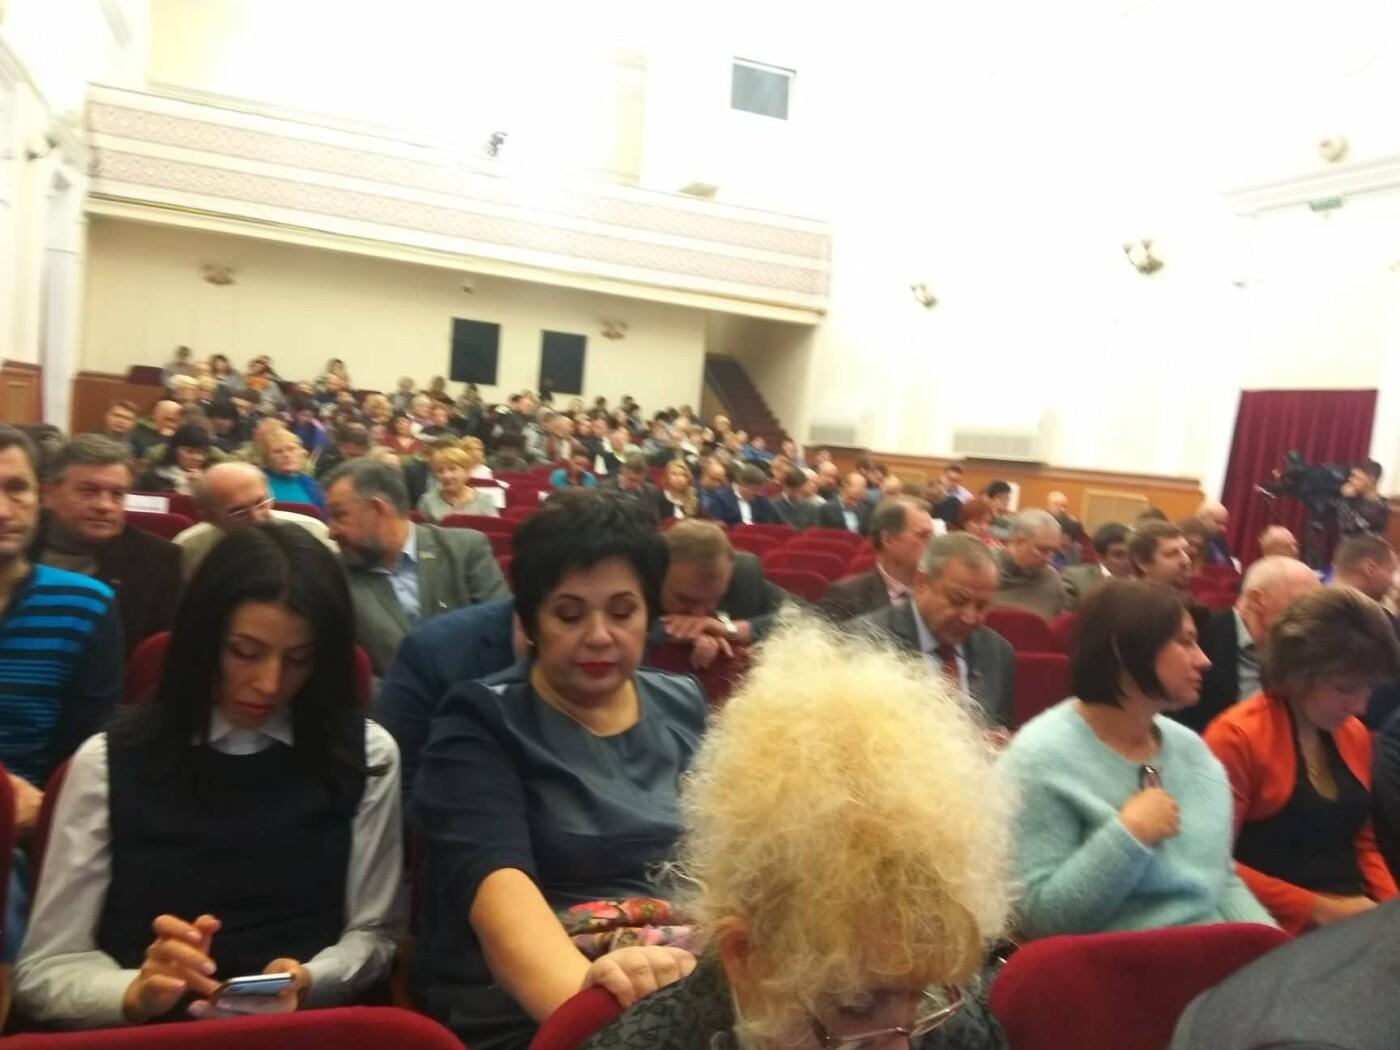 В Мариуполе стартовала сессия горсовета. Перед депутатами отчитался прокурор, - ФОТО, фото-1